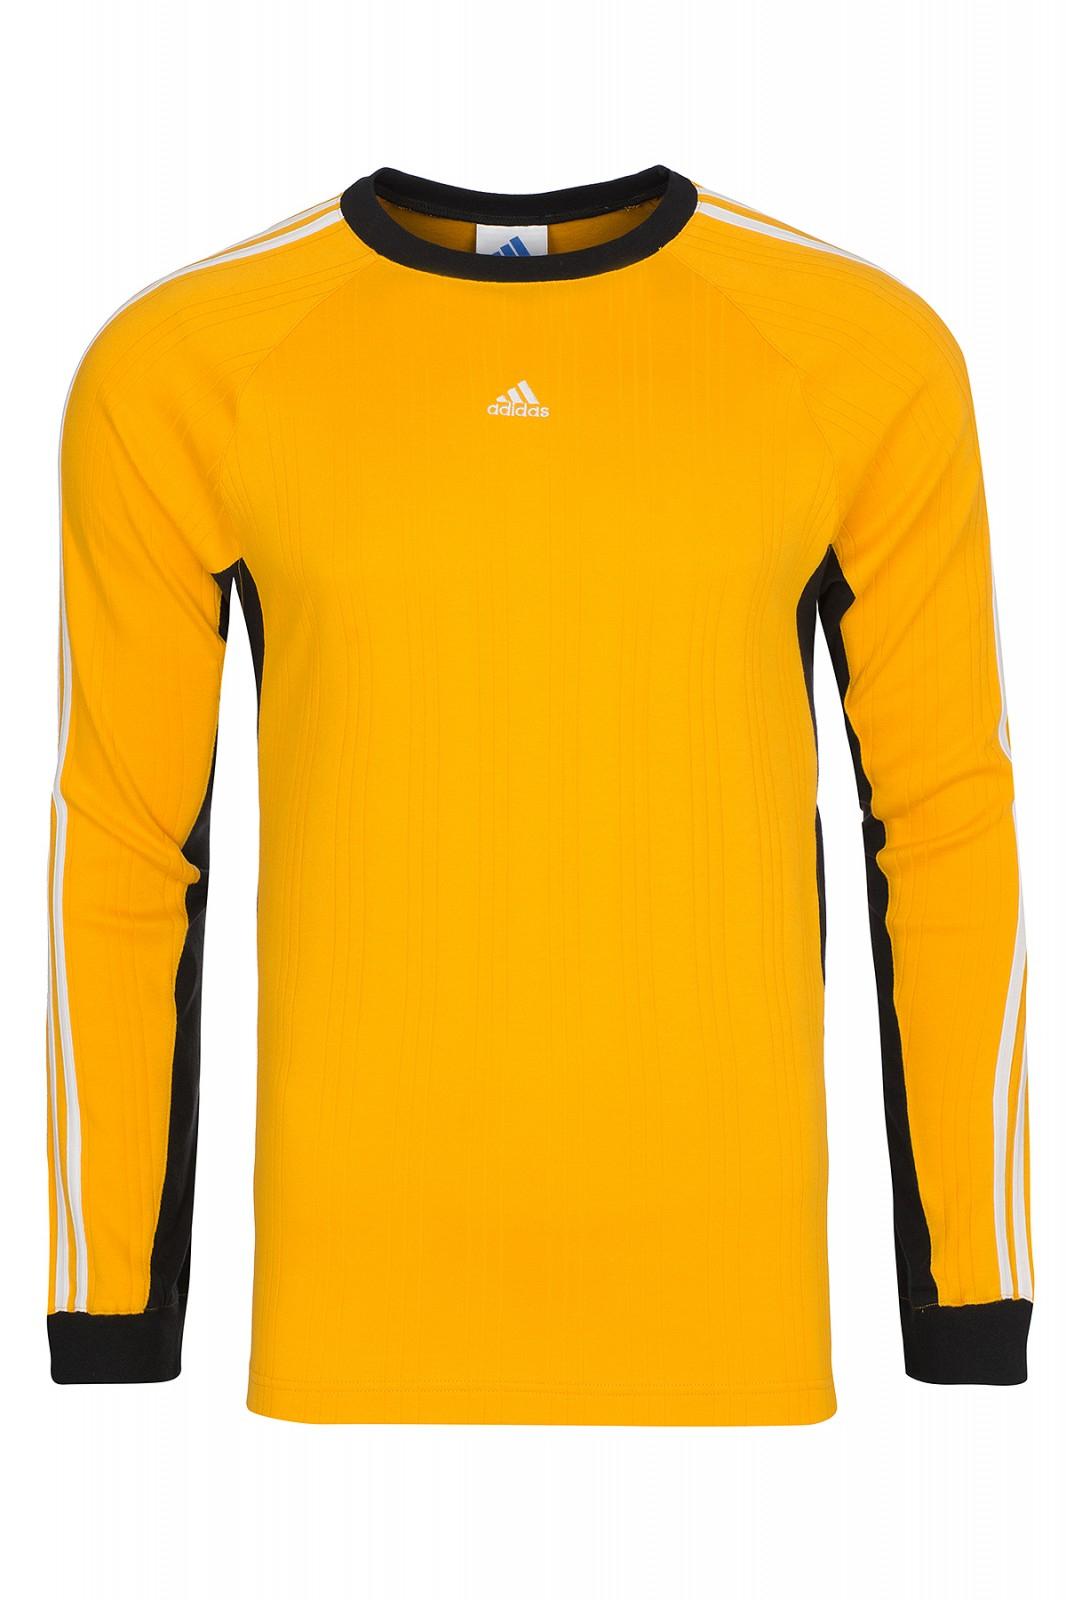 adidas Goalkeeper Top Men Herren Fußball Torwart-Trikot -> Gelb (in den Größen S bis XXL)